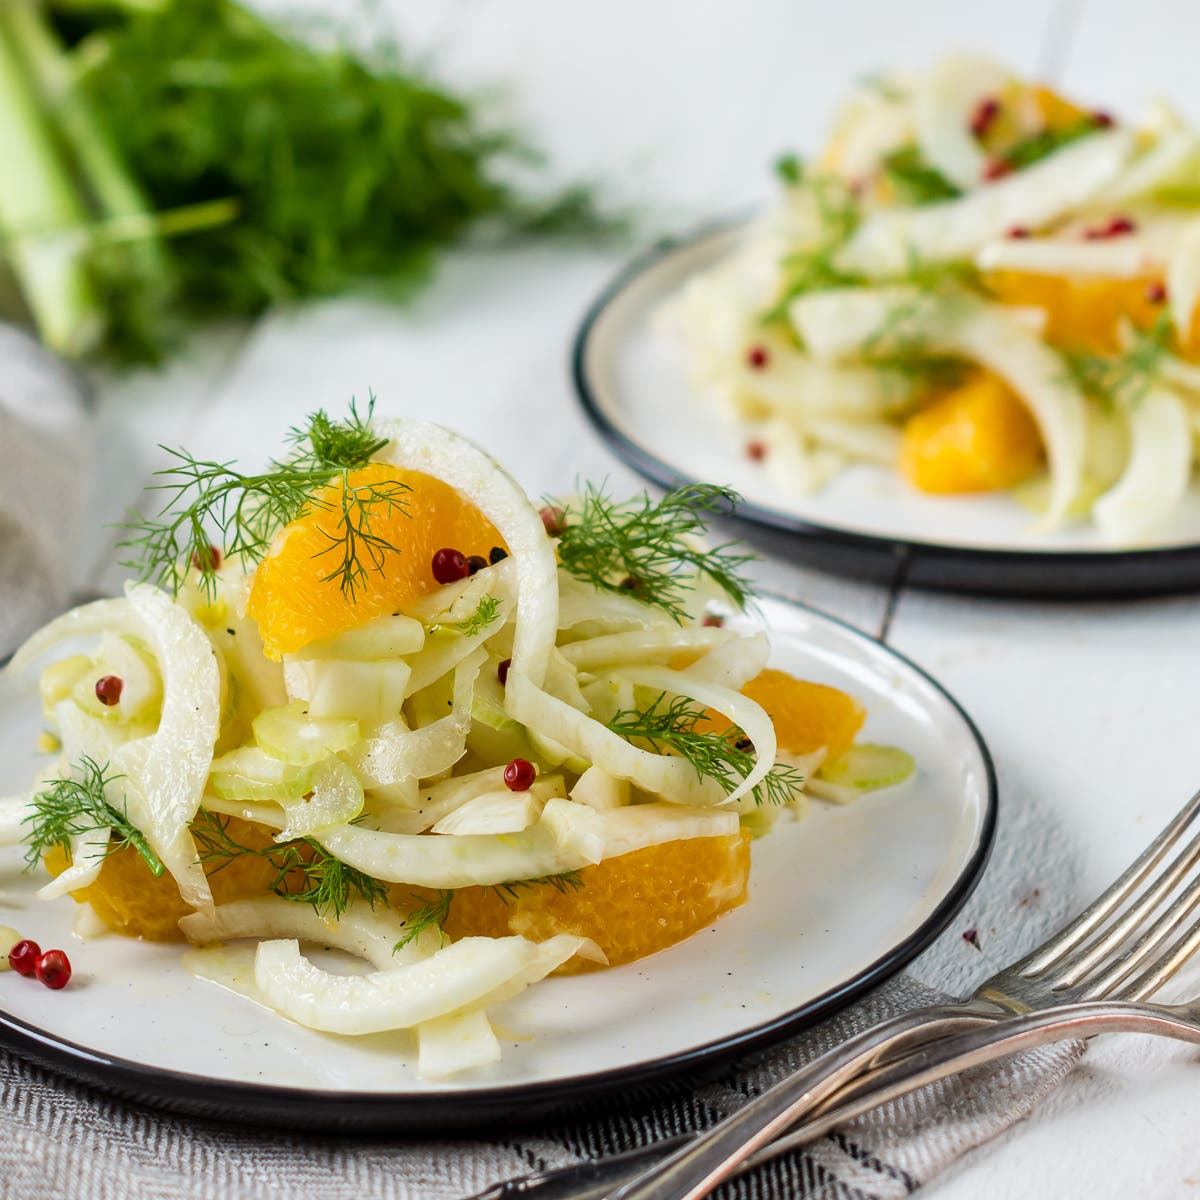 Fenchelsalat mit Orange und rotem Pfeffer auf Teller angerichtet